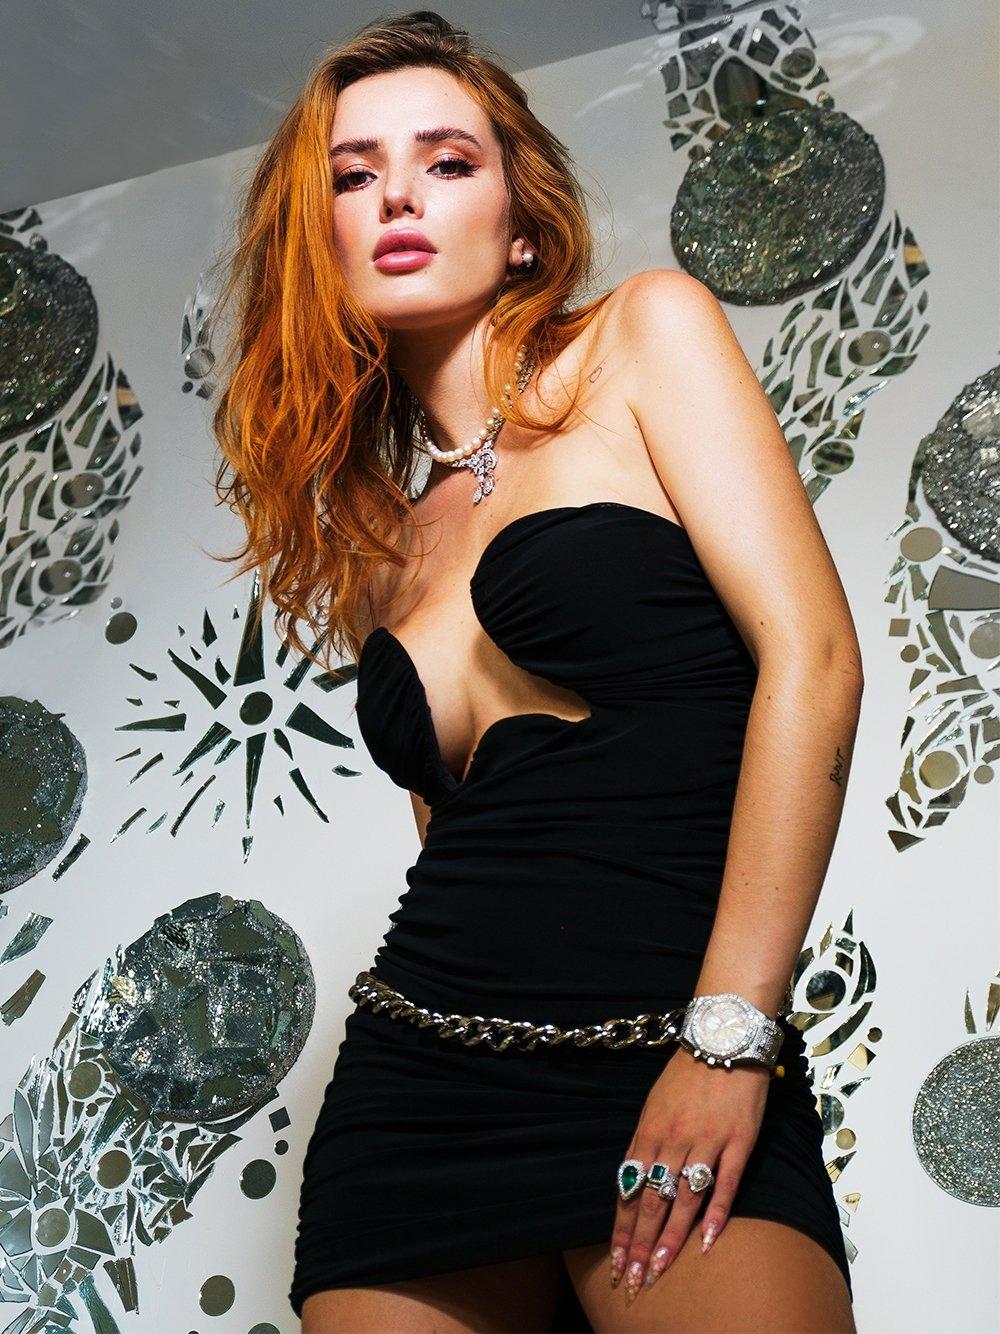 Bella Thorne Nipple Slip Latest Leaks 0007